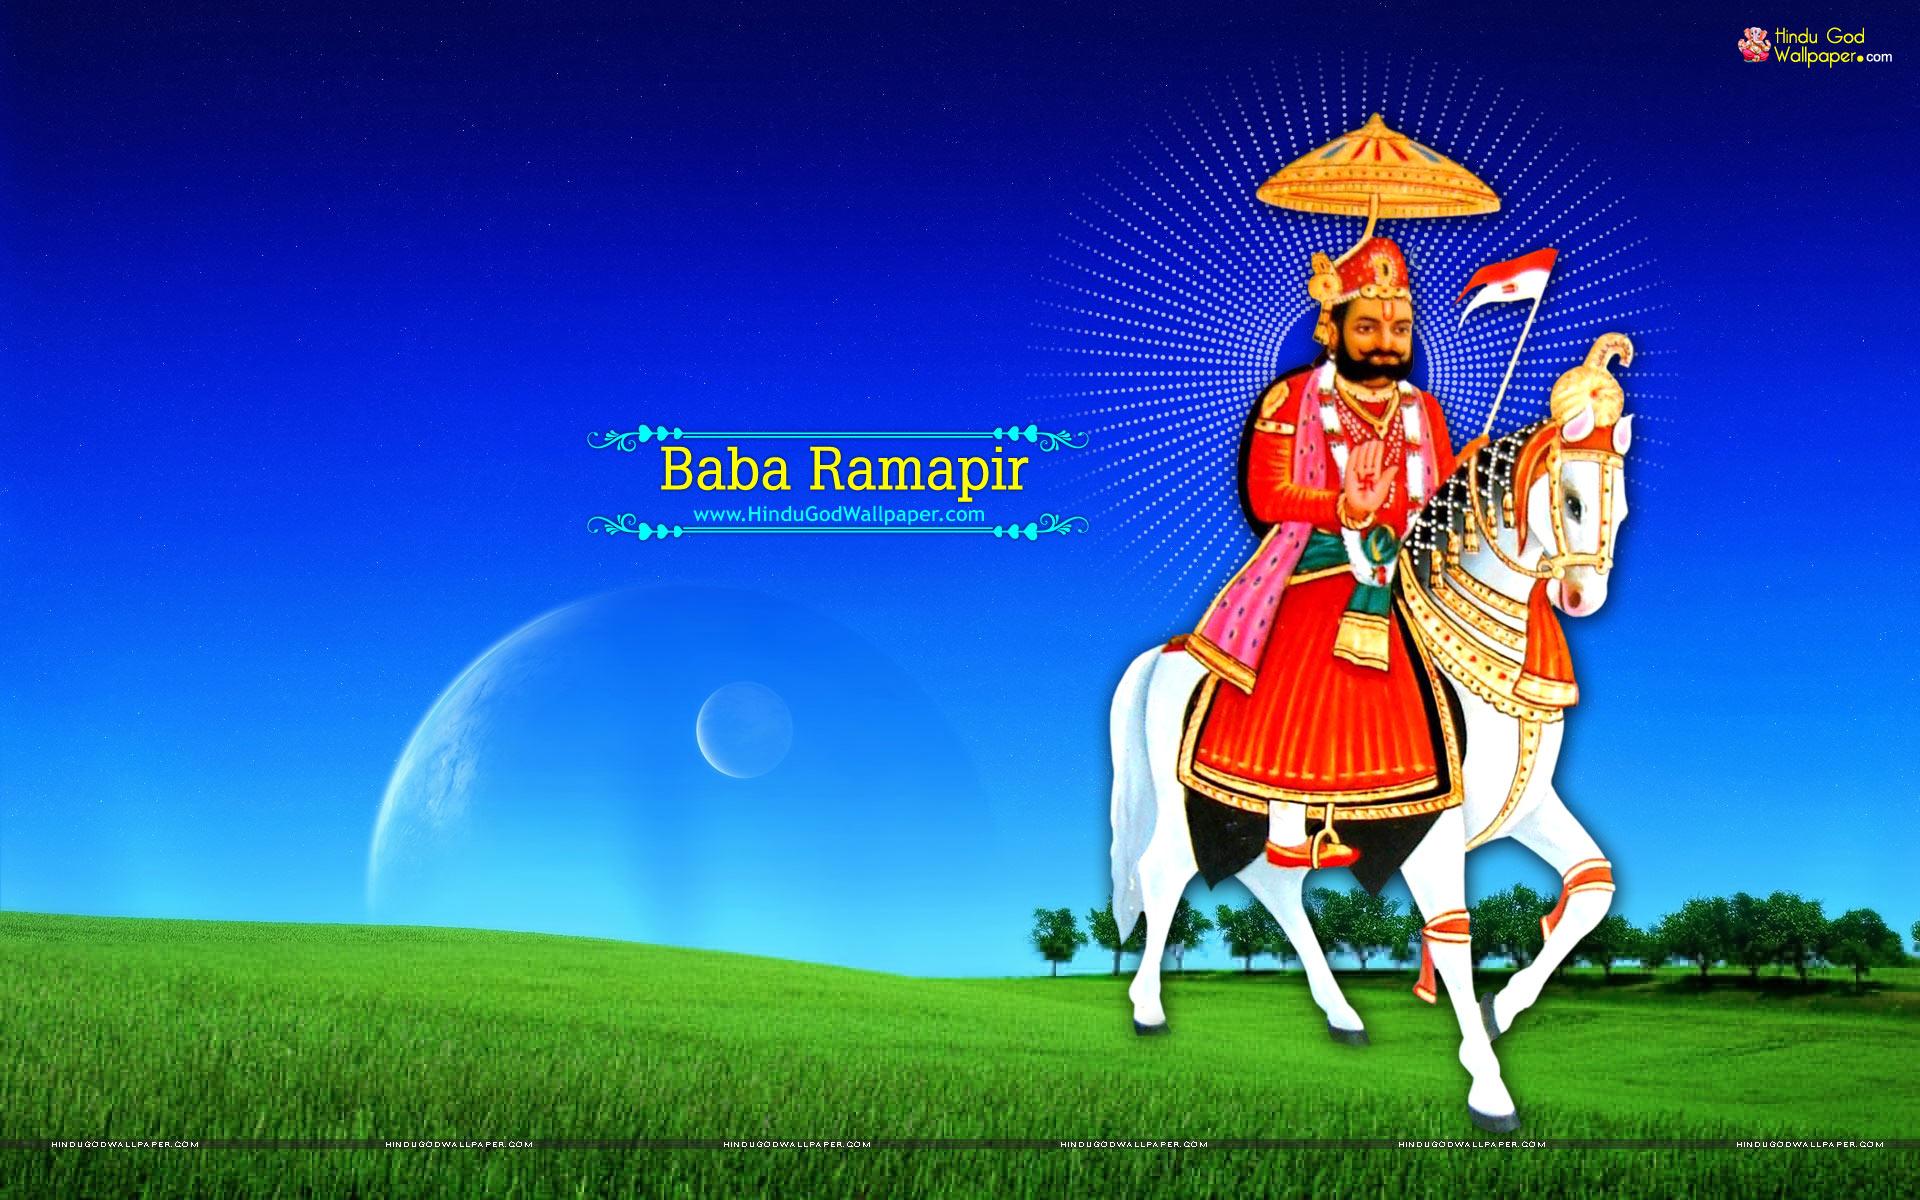 Jai Ramapir Hd Wallpapers Full Size Free Download